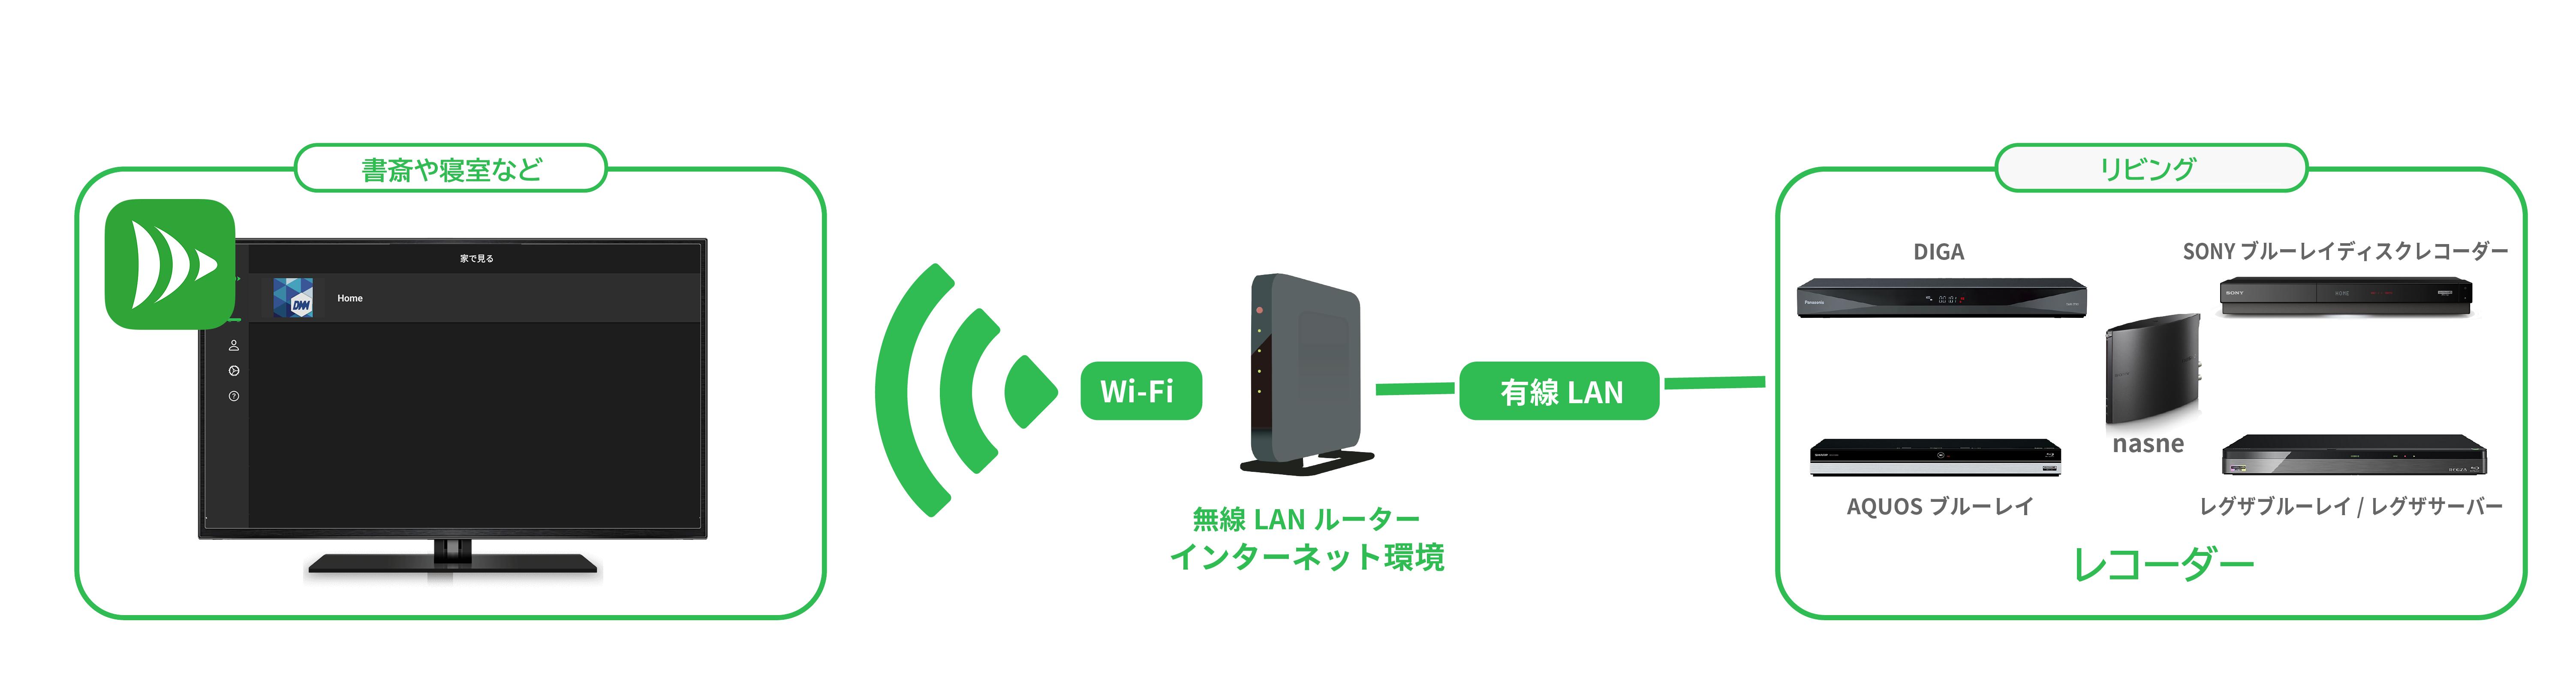 家庭内のWi-Fiルーターに、DiXiM Playがインストールされたデバイスとレコーダーを繋げることで、リビングにあるレコーダーの録画番組や放送中の番組が見られるようになります。